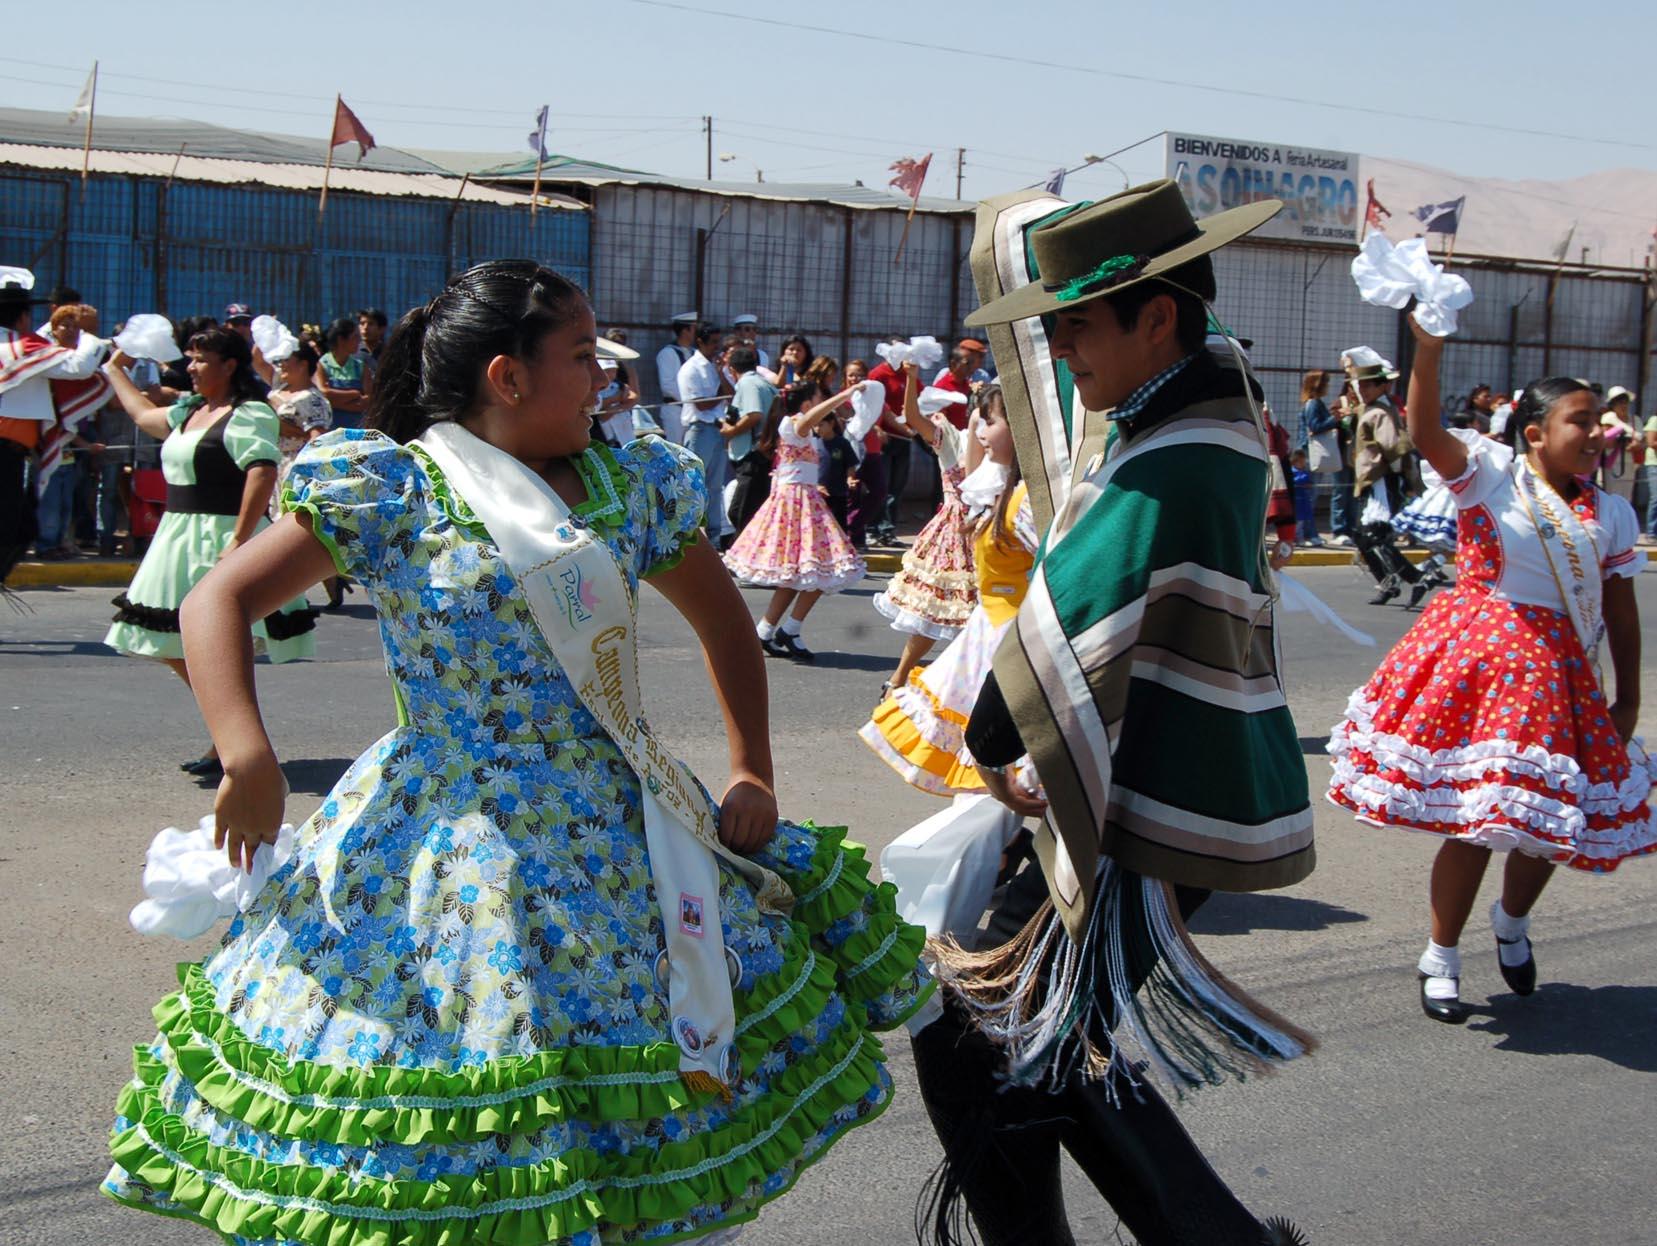 De Las Tradiciones Chile Ademas Habra Musica Y Artesania